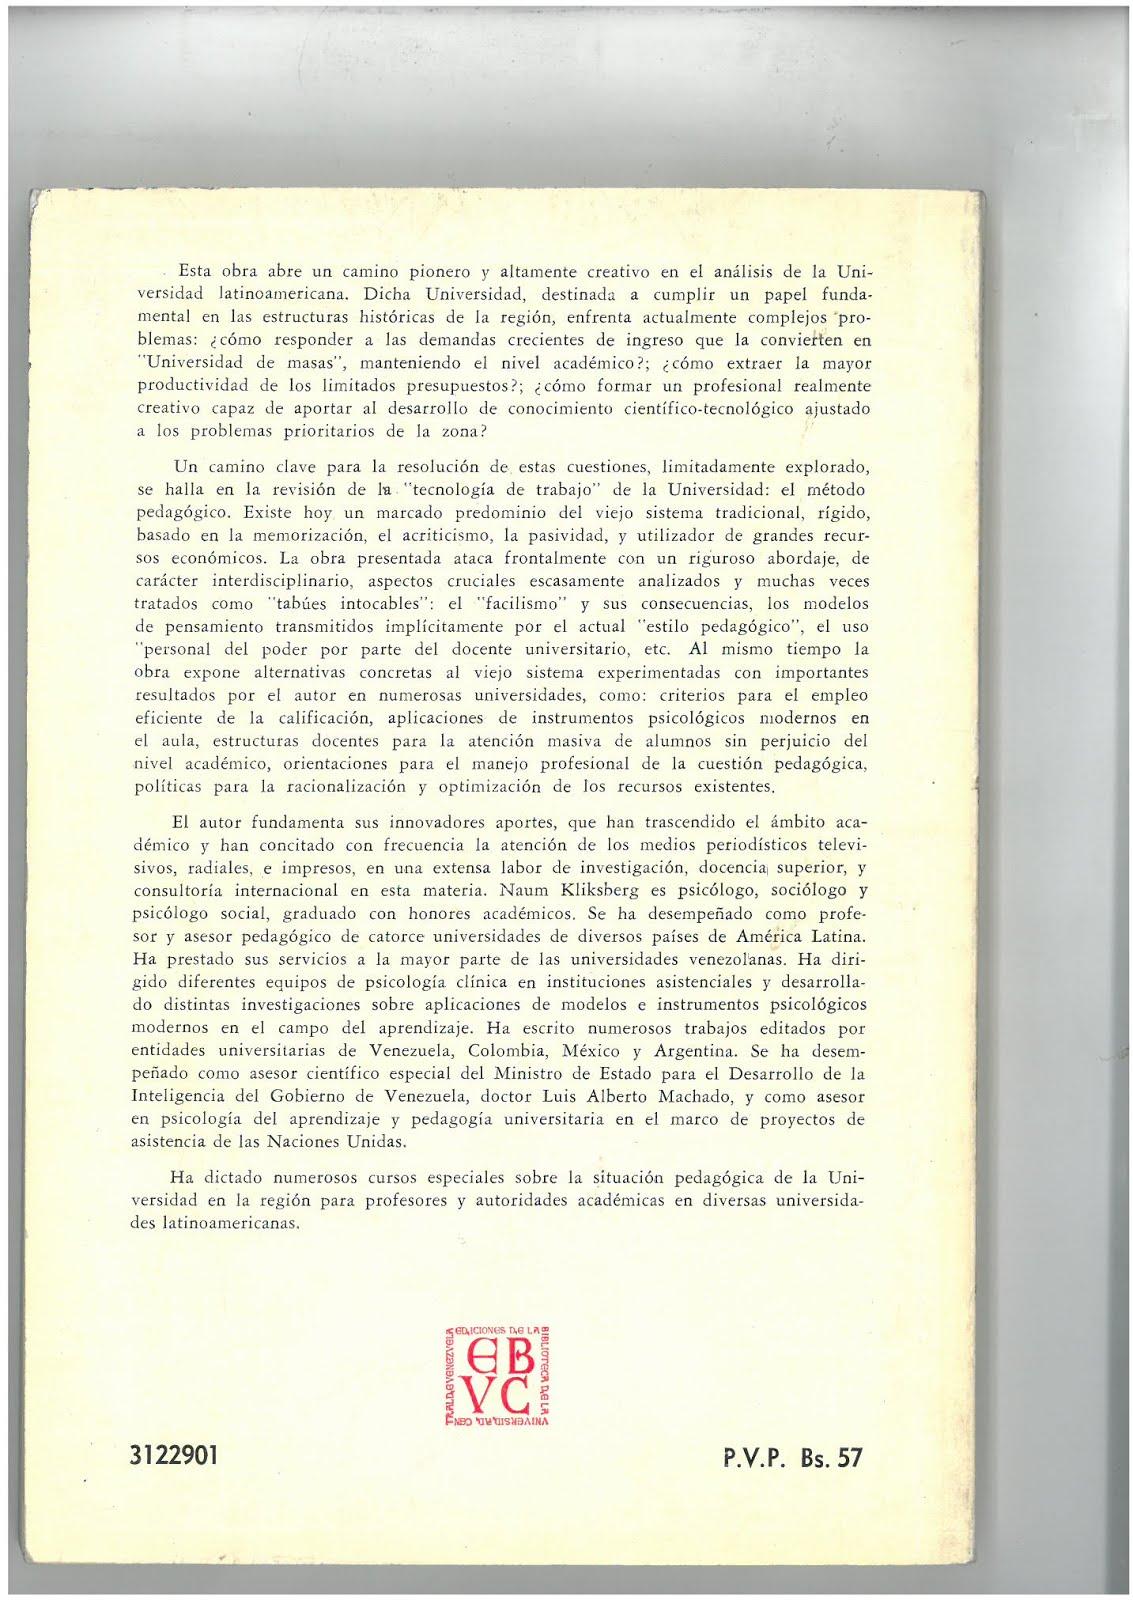 21b - Contratapa del libro